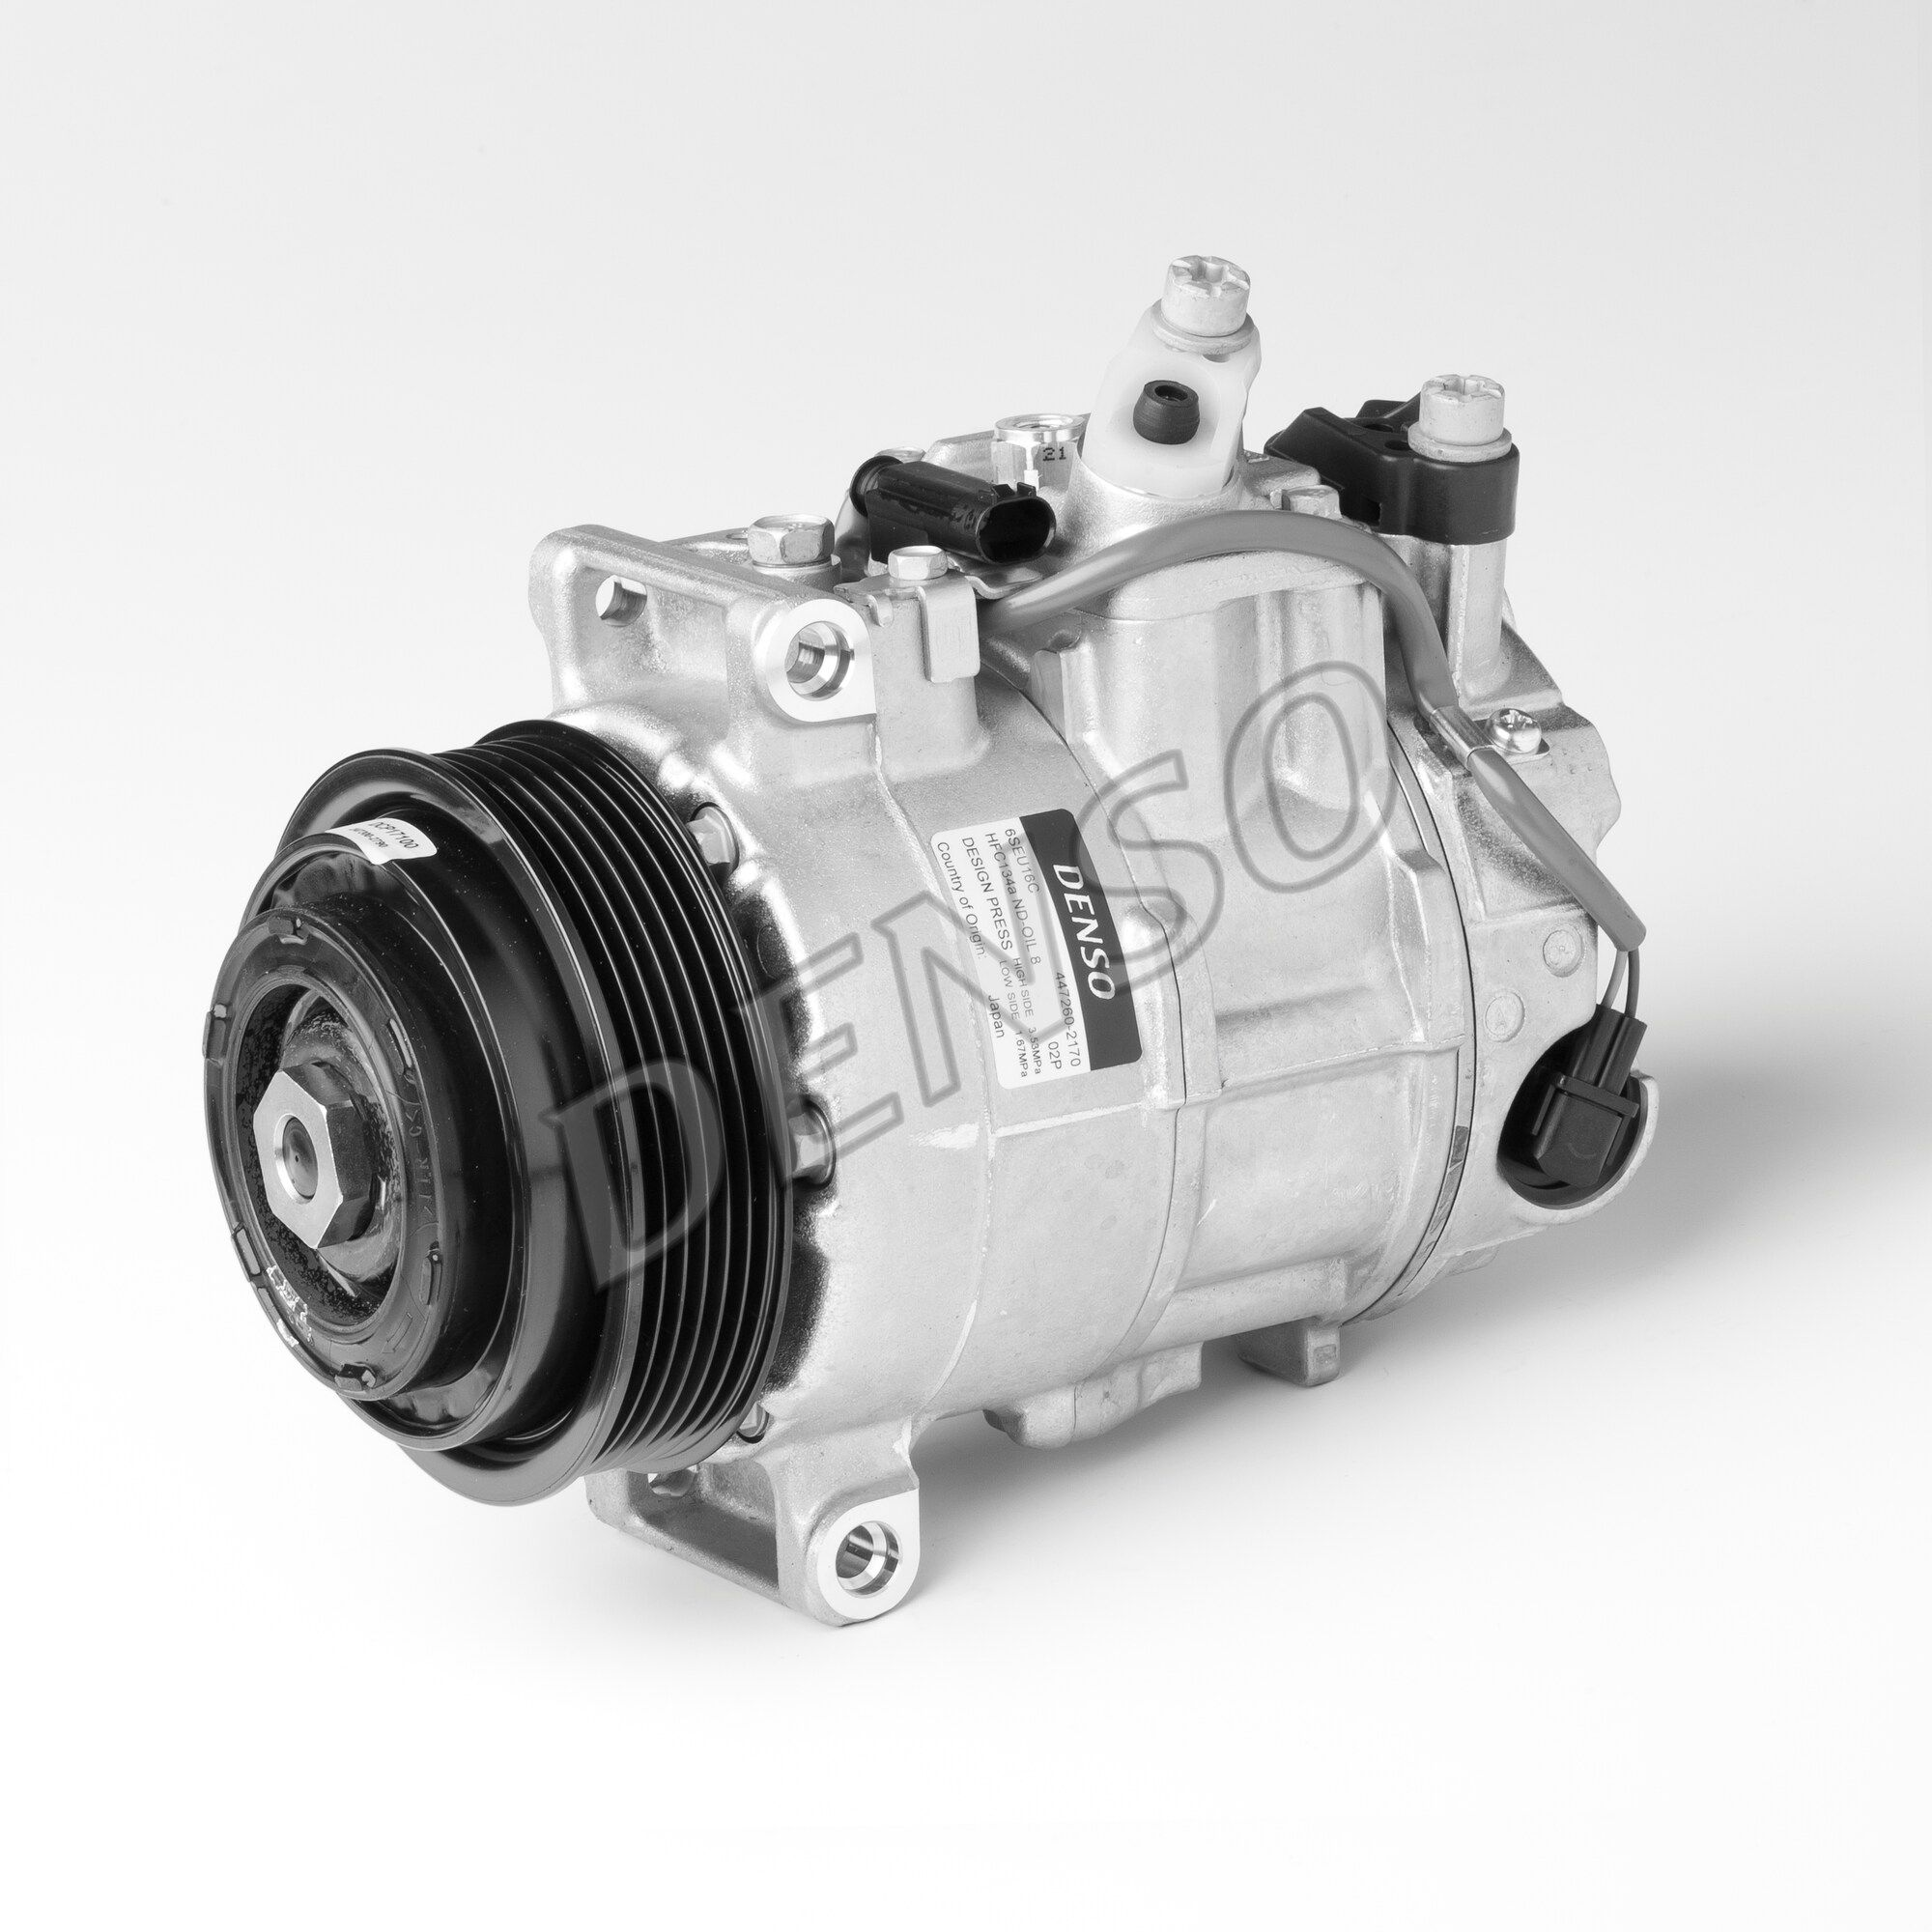 Kompressor DENSO DCP17100